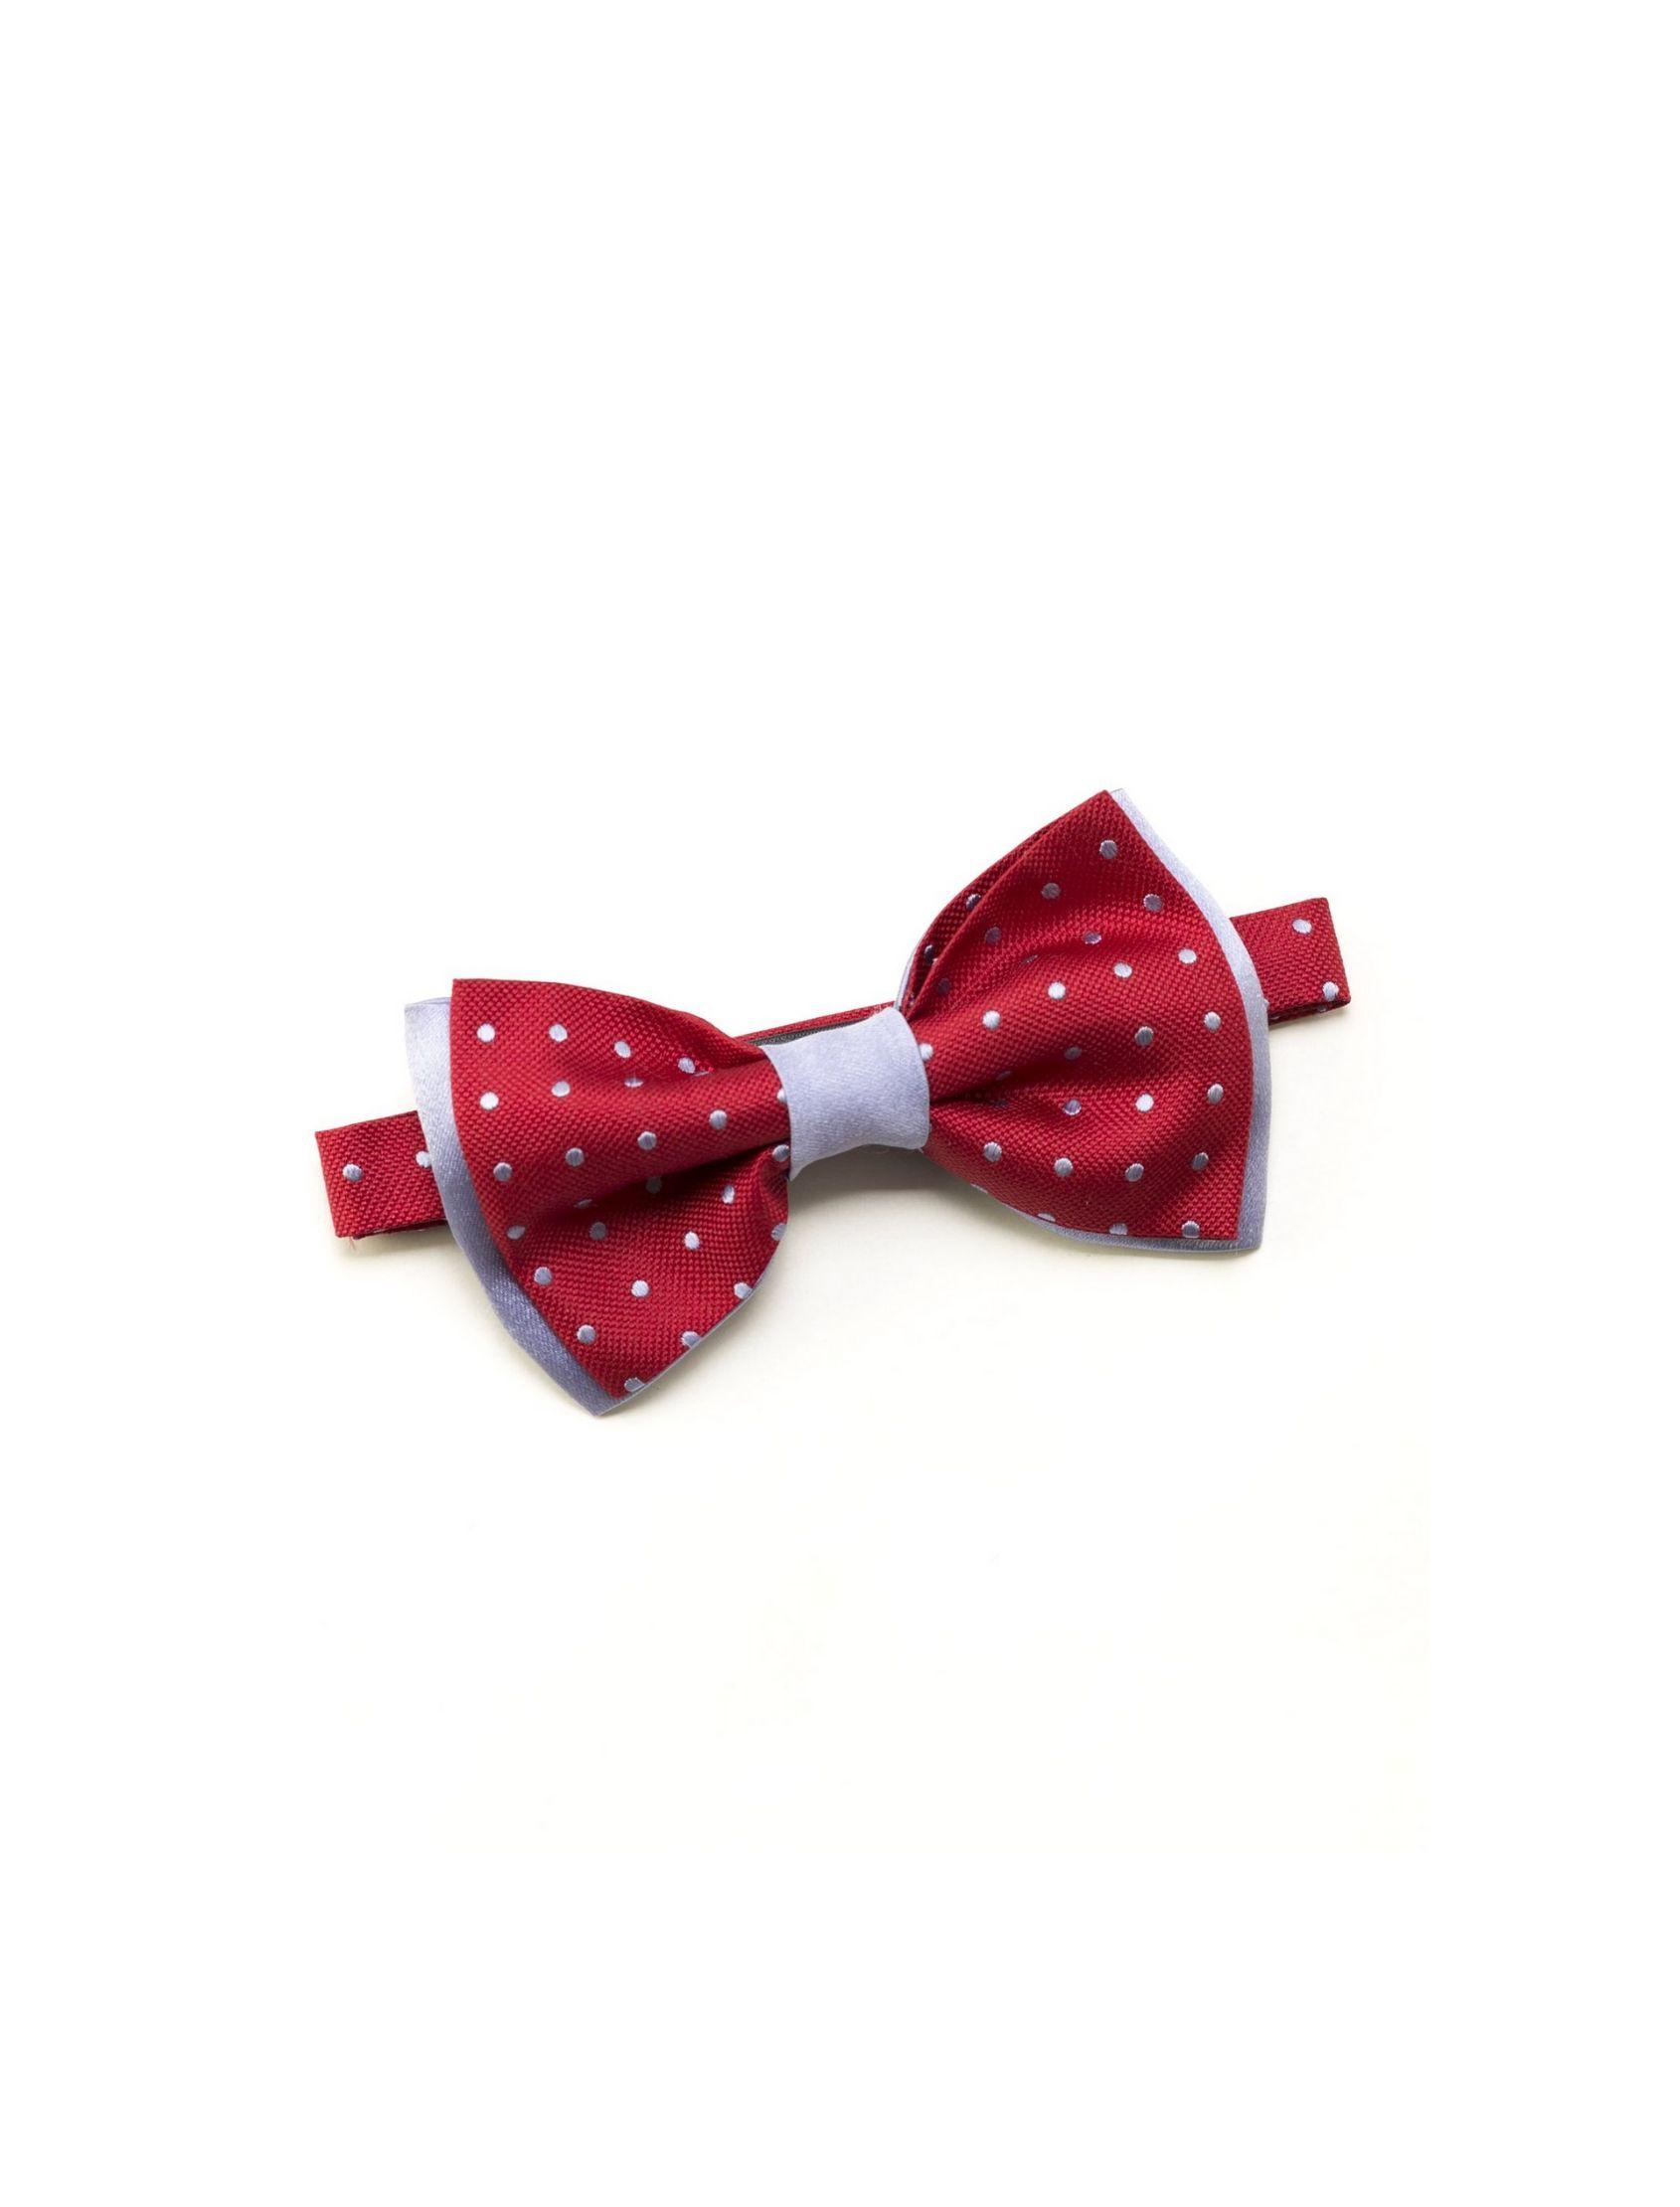 Original y divertida pajarita en rojo con estampado polka dots en blanco. De seda natural